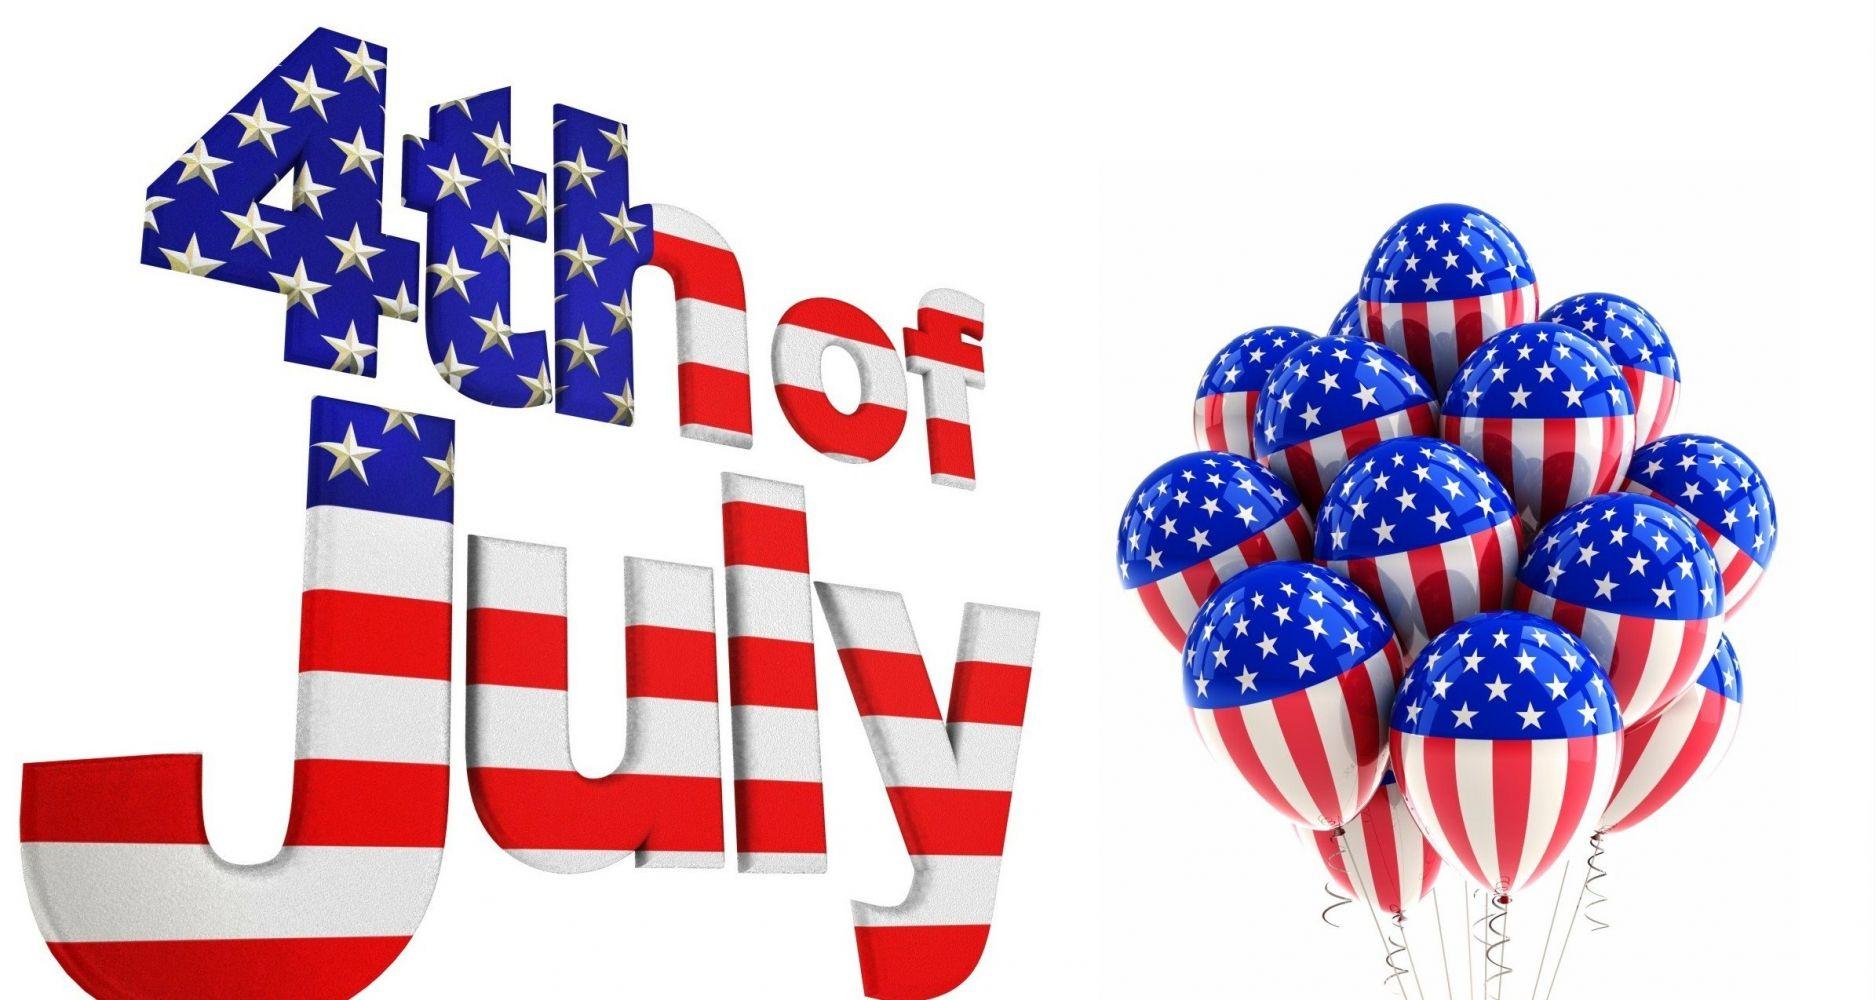 день независимости открытки на английскому длинными